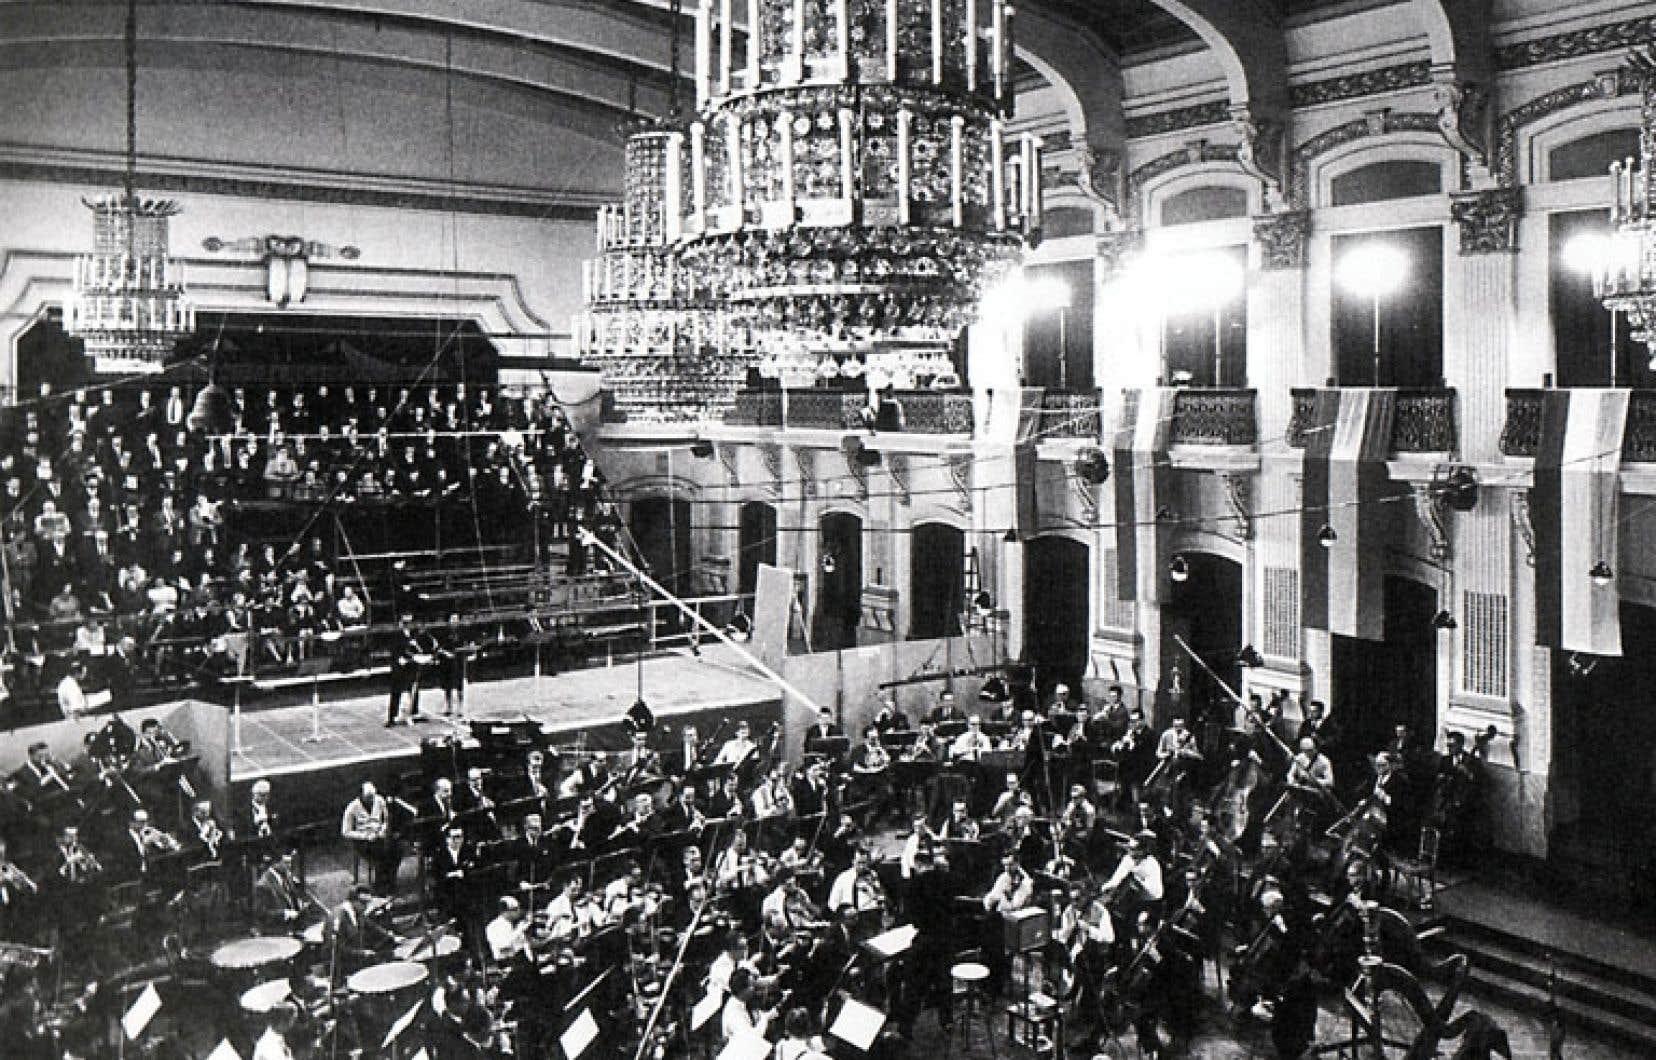 <div> Le Sofiensaal lors de l'enregistrement du Crépuscule des dieux. Photo tirée de l'édition de luxe de l'enregistrement Decca du Ring des Nibelungen de Wagner par Georg Solti.</div>